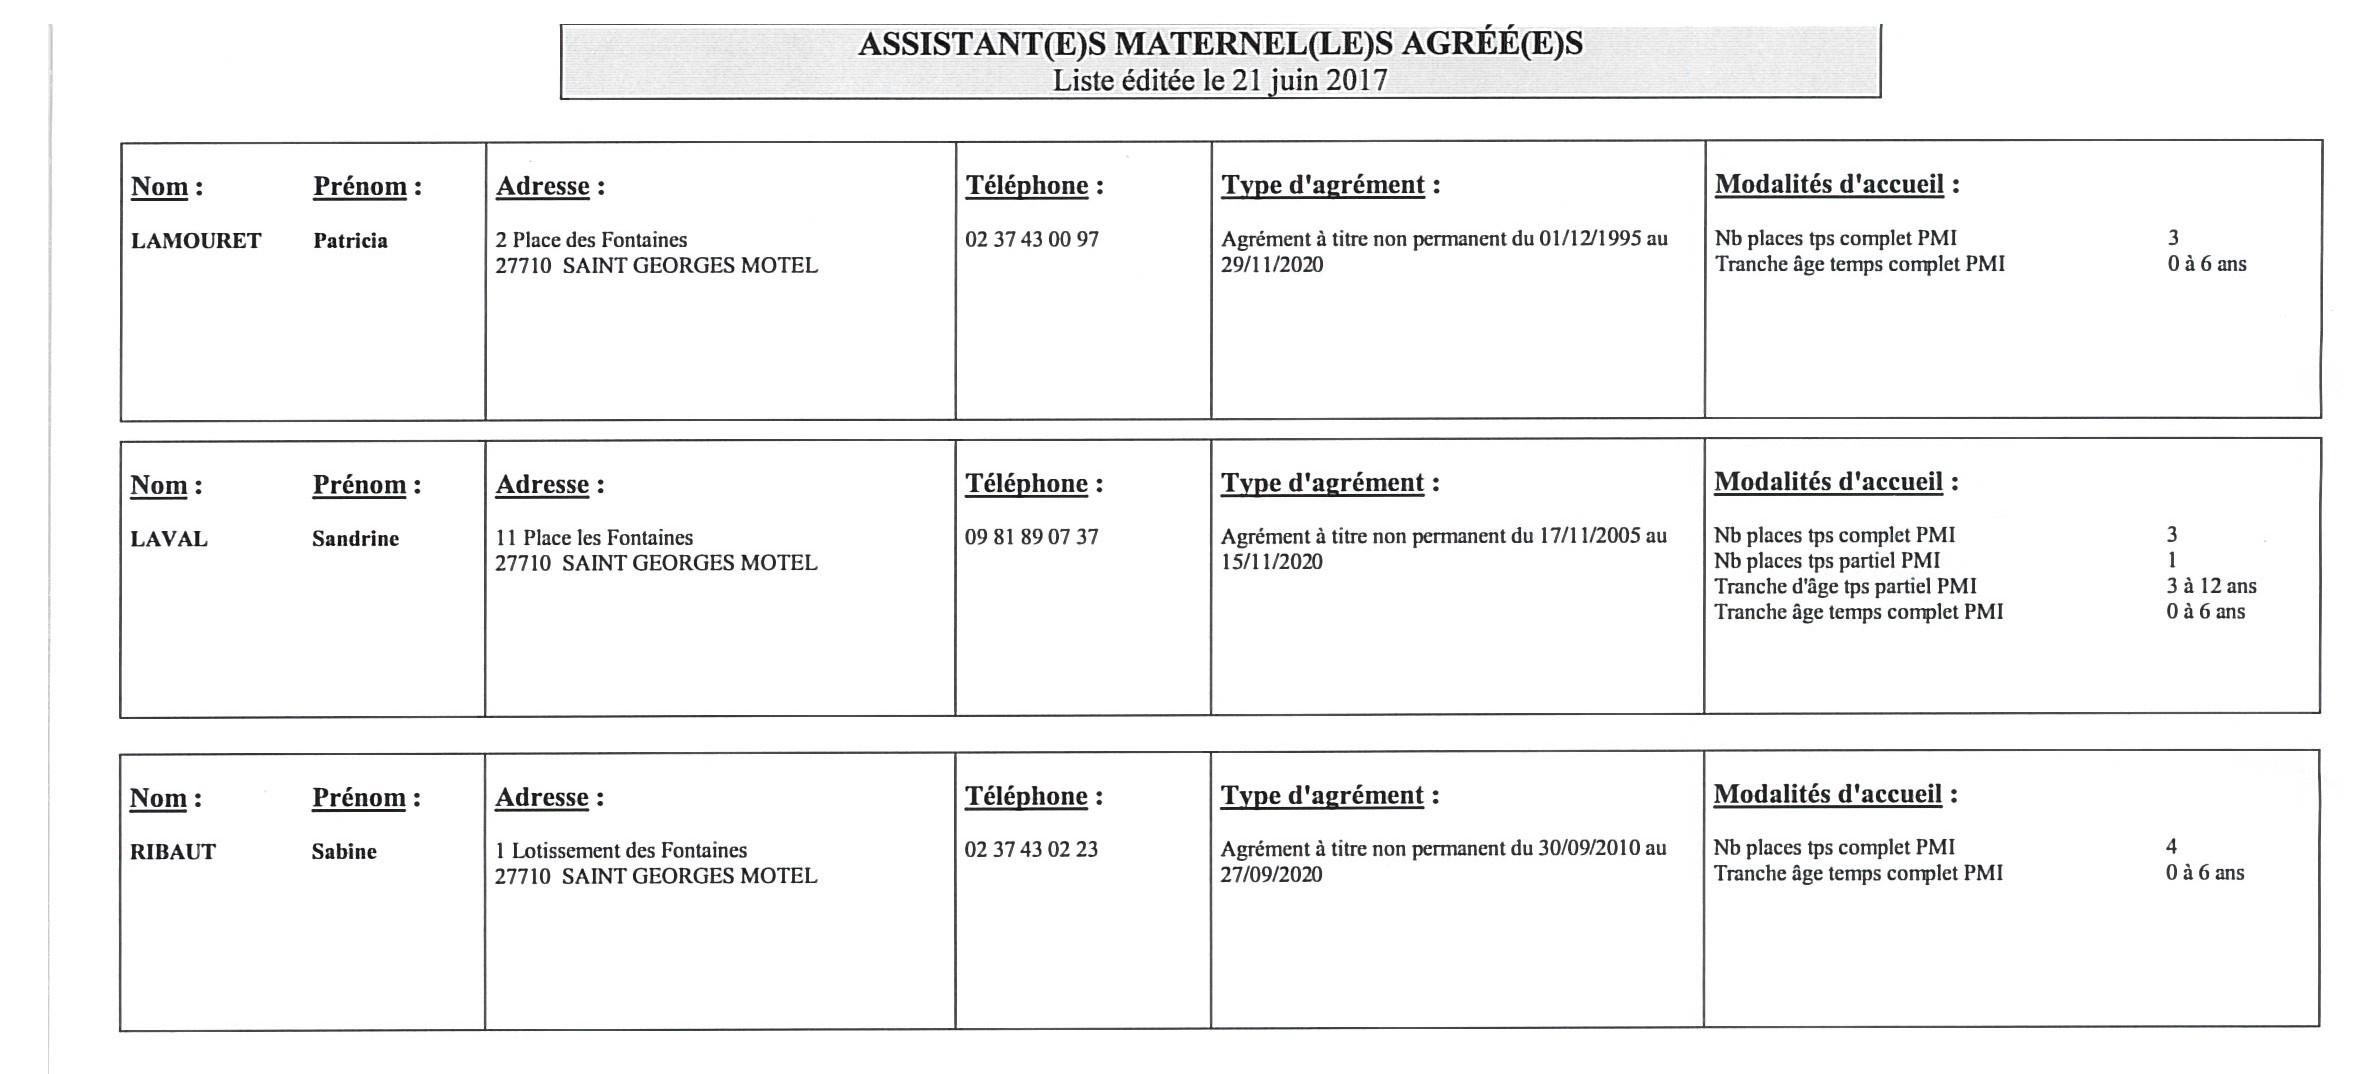 p2-assistante-maternelle